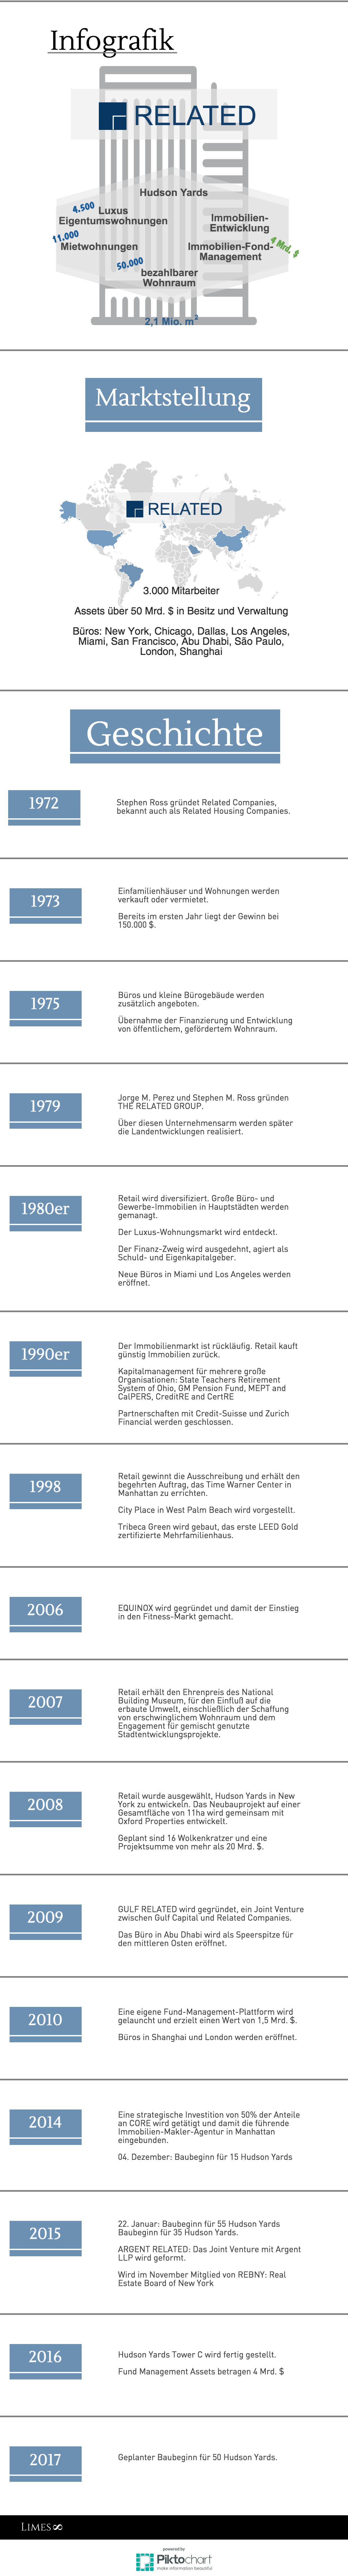 Informationsgrafik zum Unternehmen Related Companies